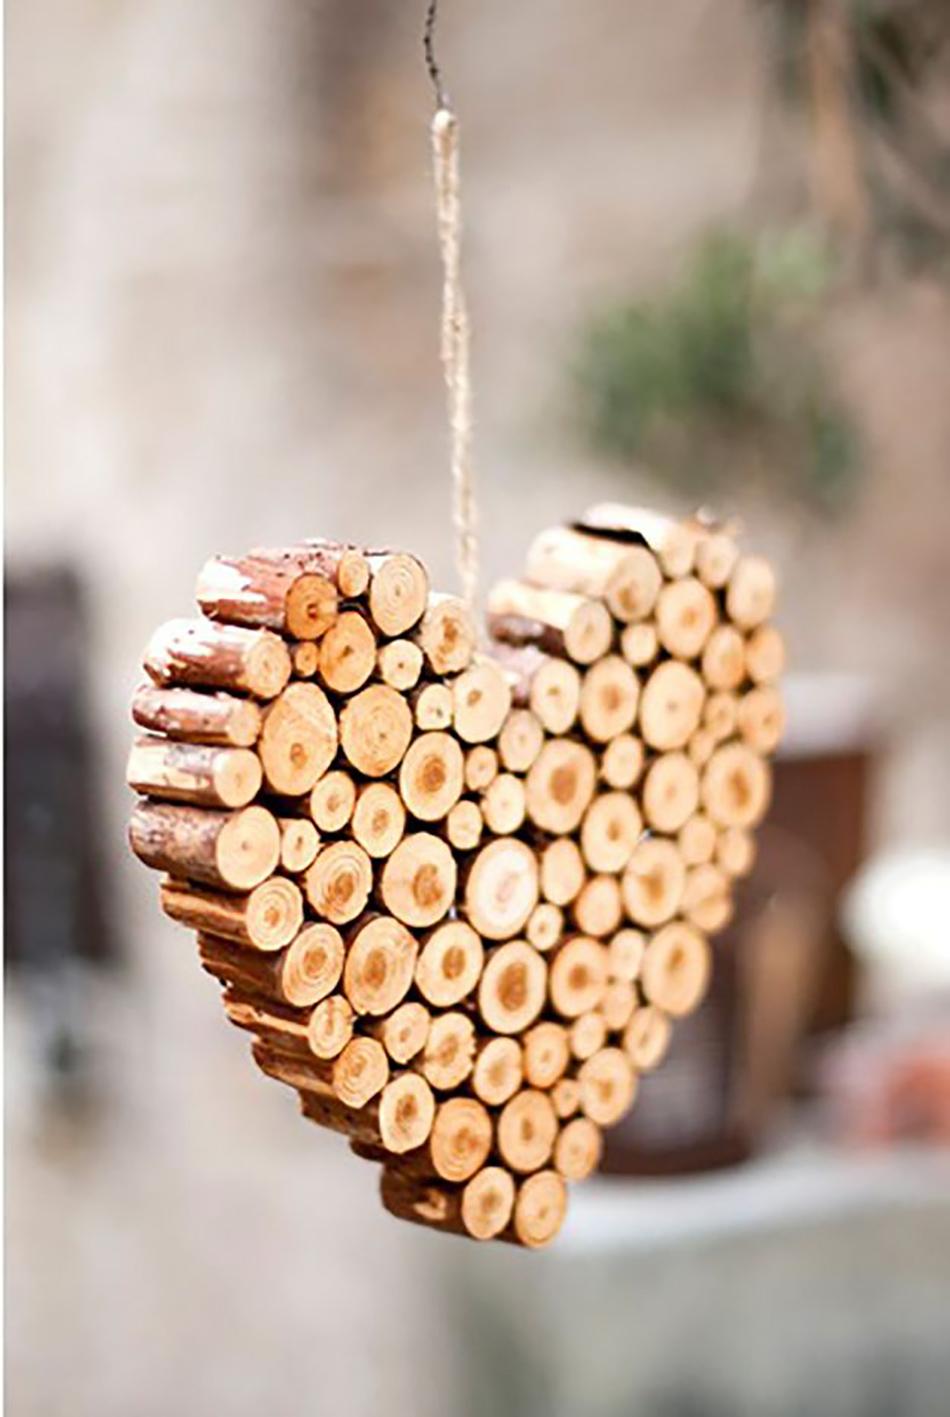 adornos de navidad caseros - Figuras con ramas recortadas